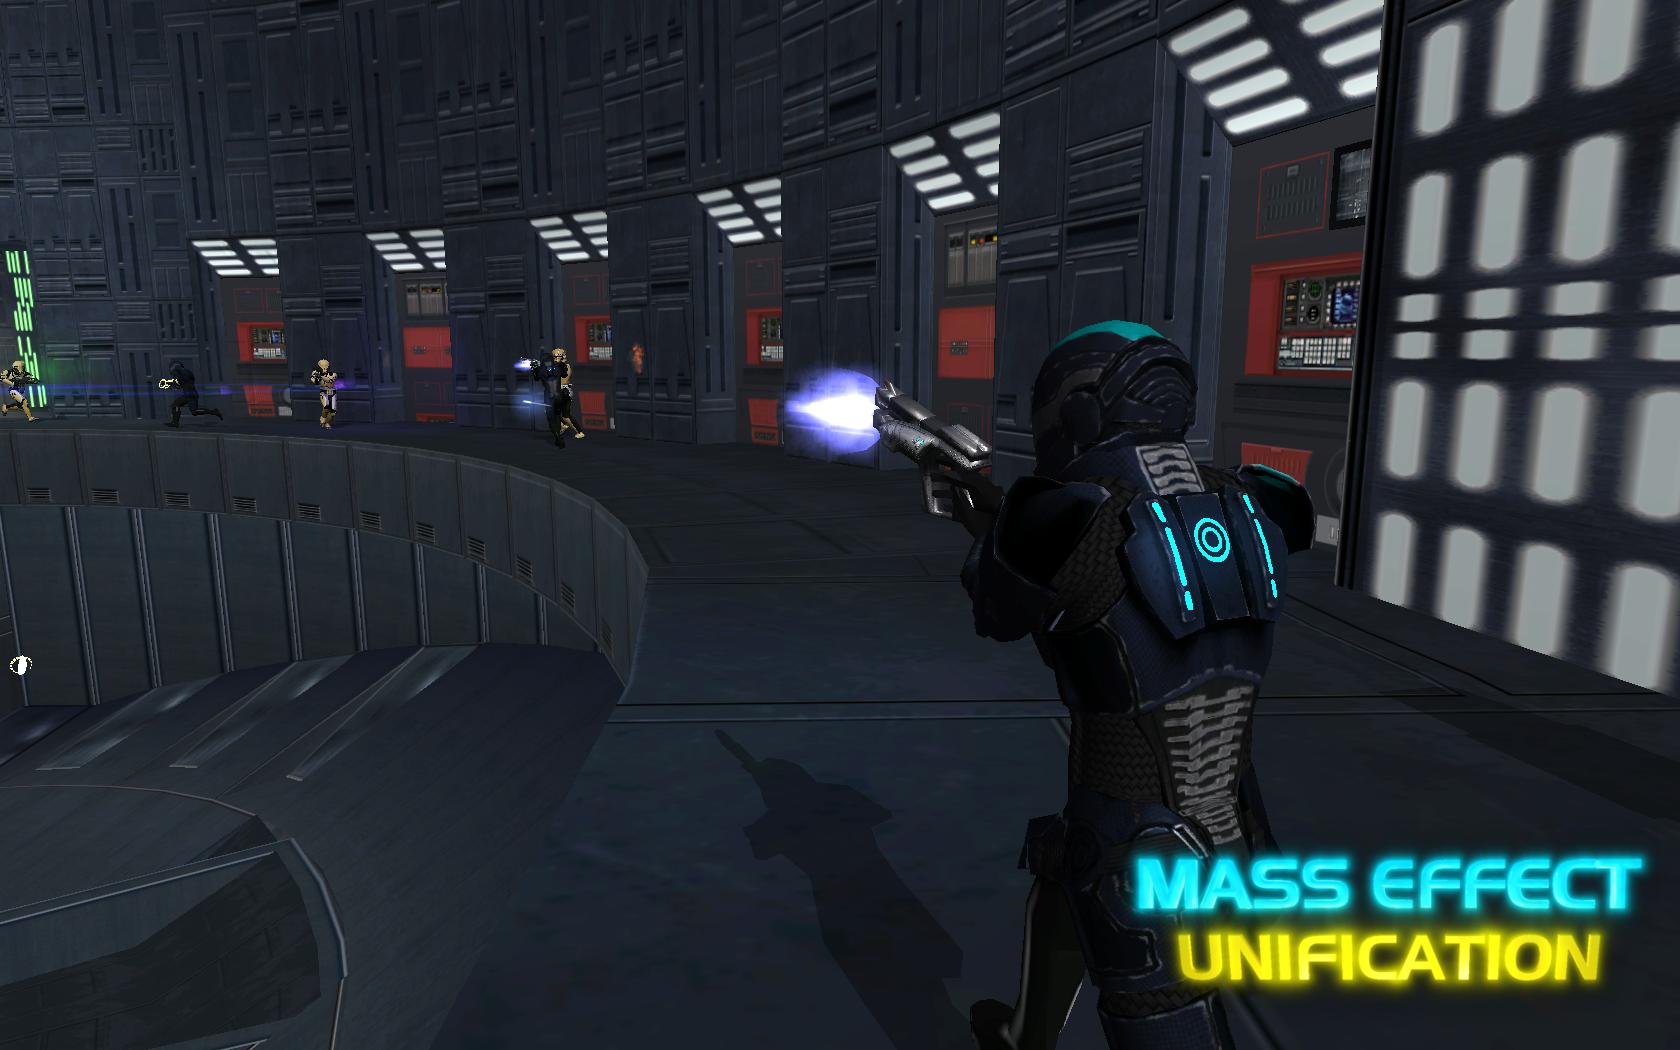 Alliance Sentinel